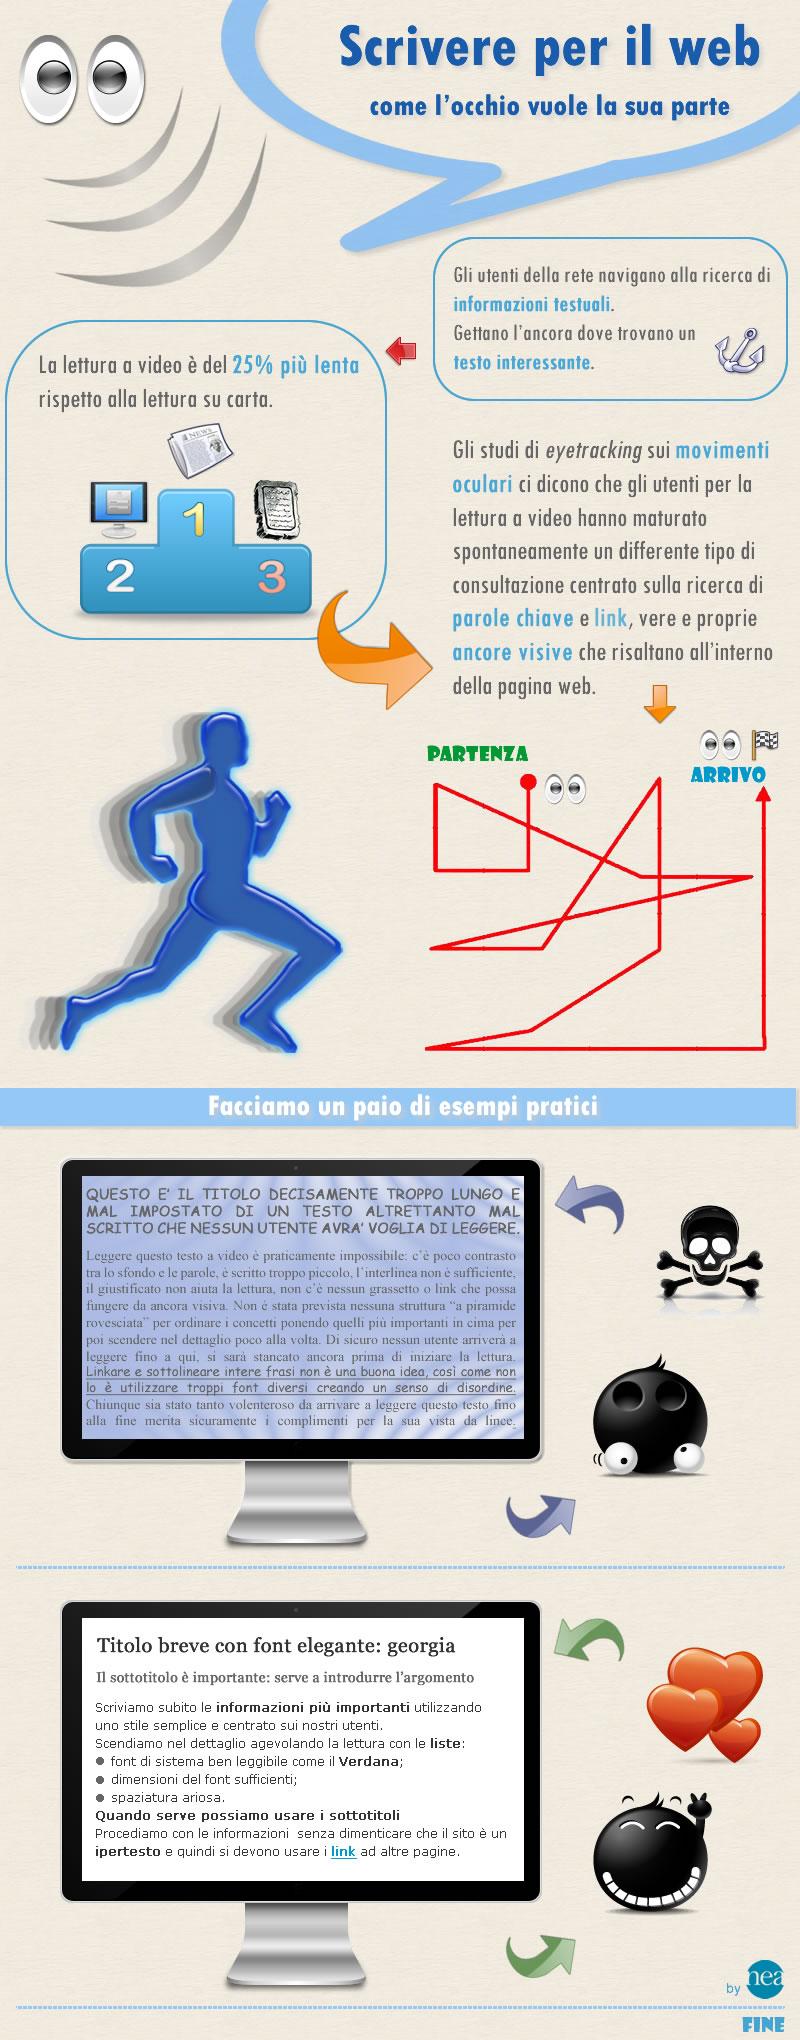 Infografica: scrivere per il web - come l'occhio vuole la sua parte